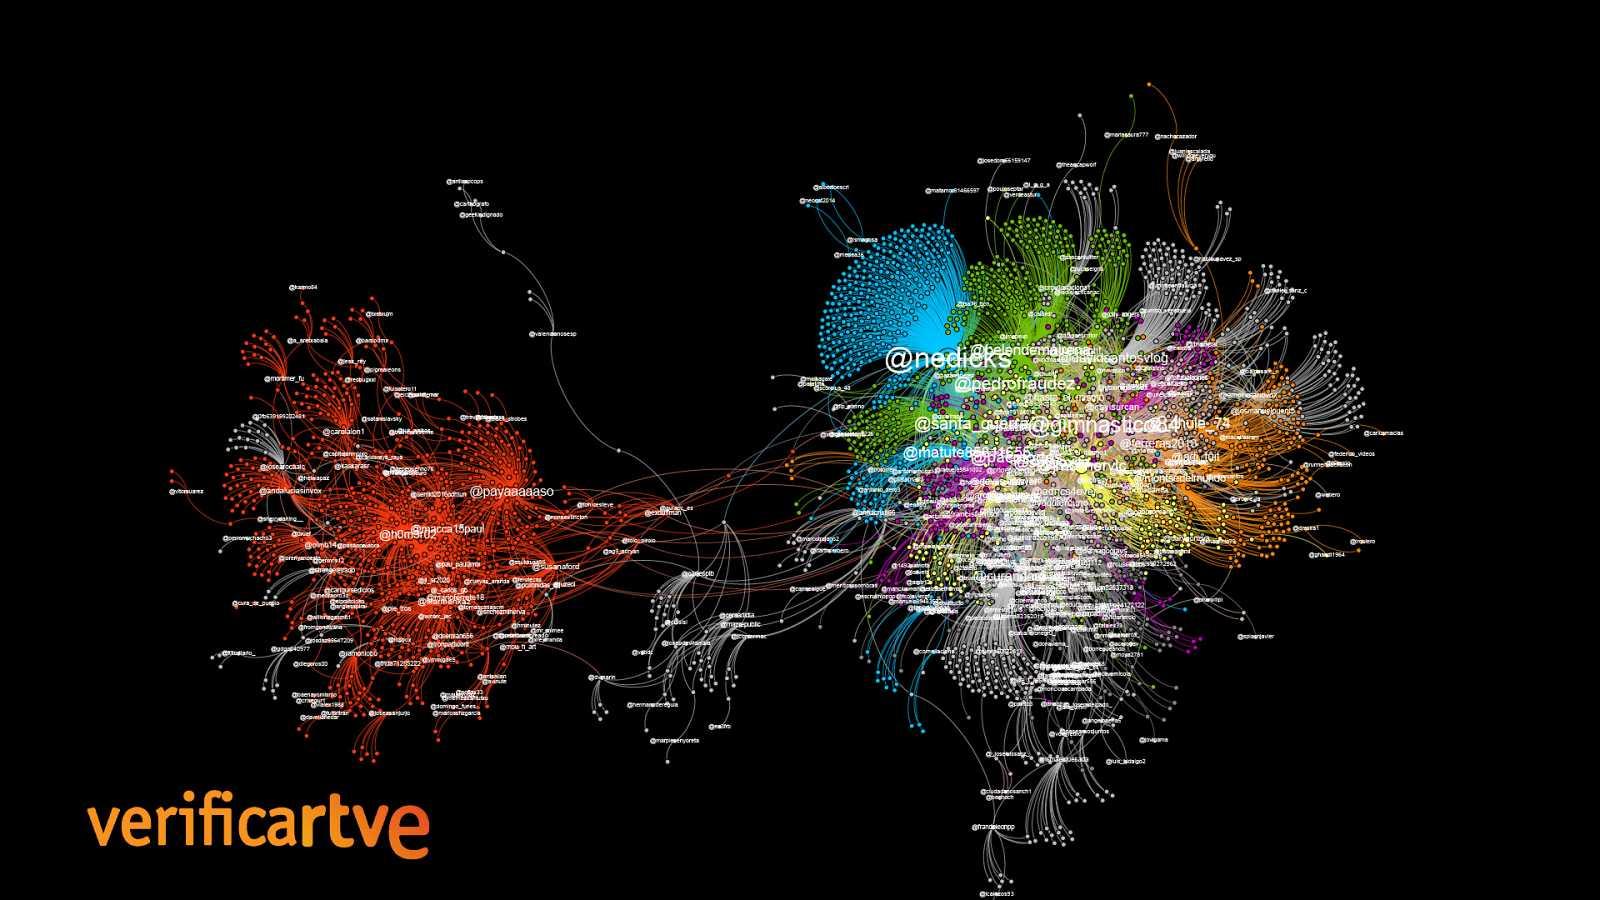 Gráfico con un análisis de redes sociales sobre el hashtag #pucherazo